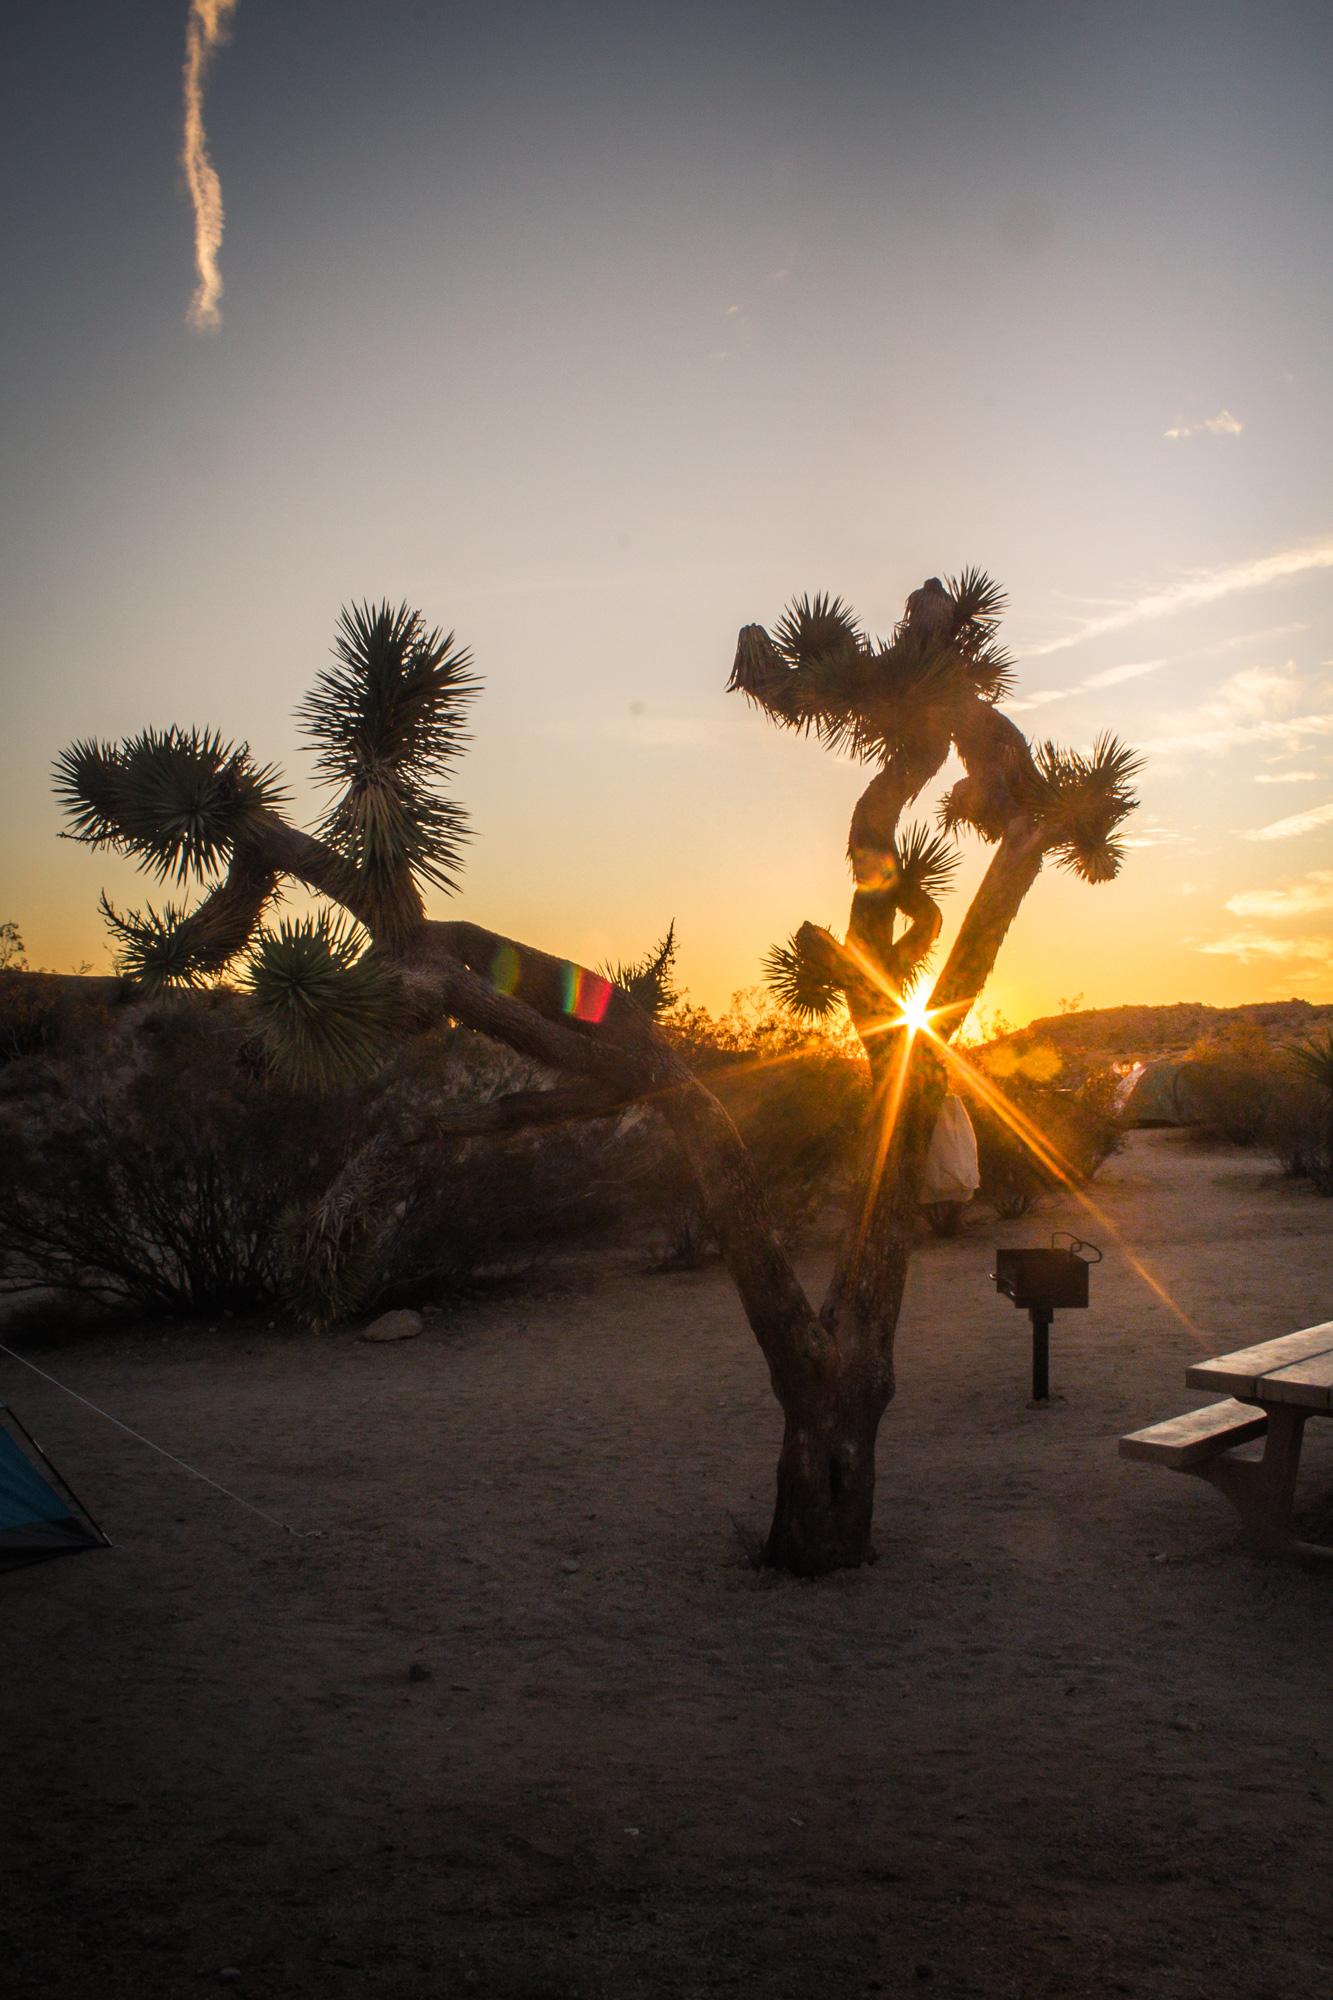 Sunrise in Joshua Tree National Park.jpg